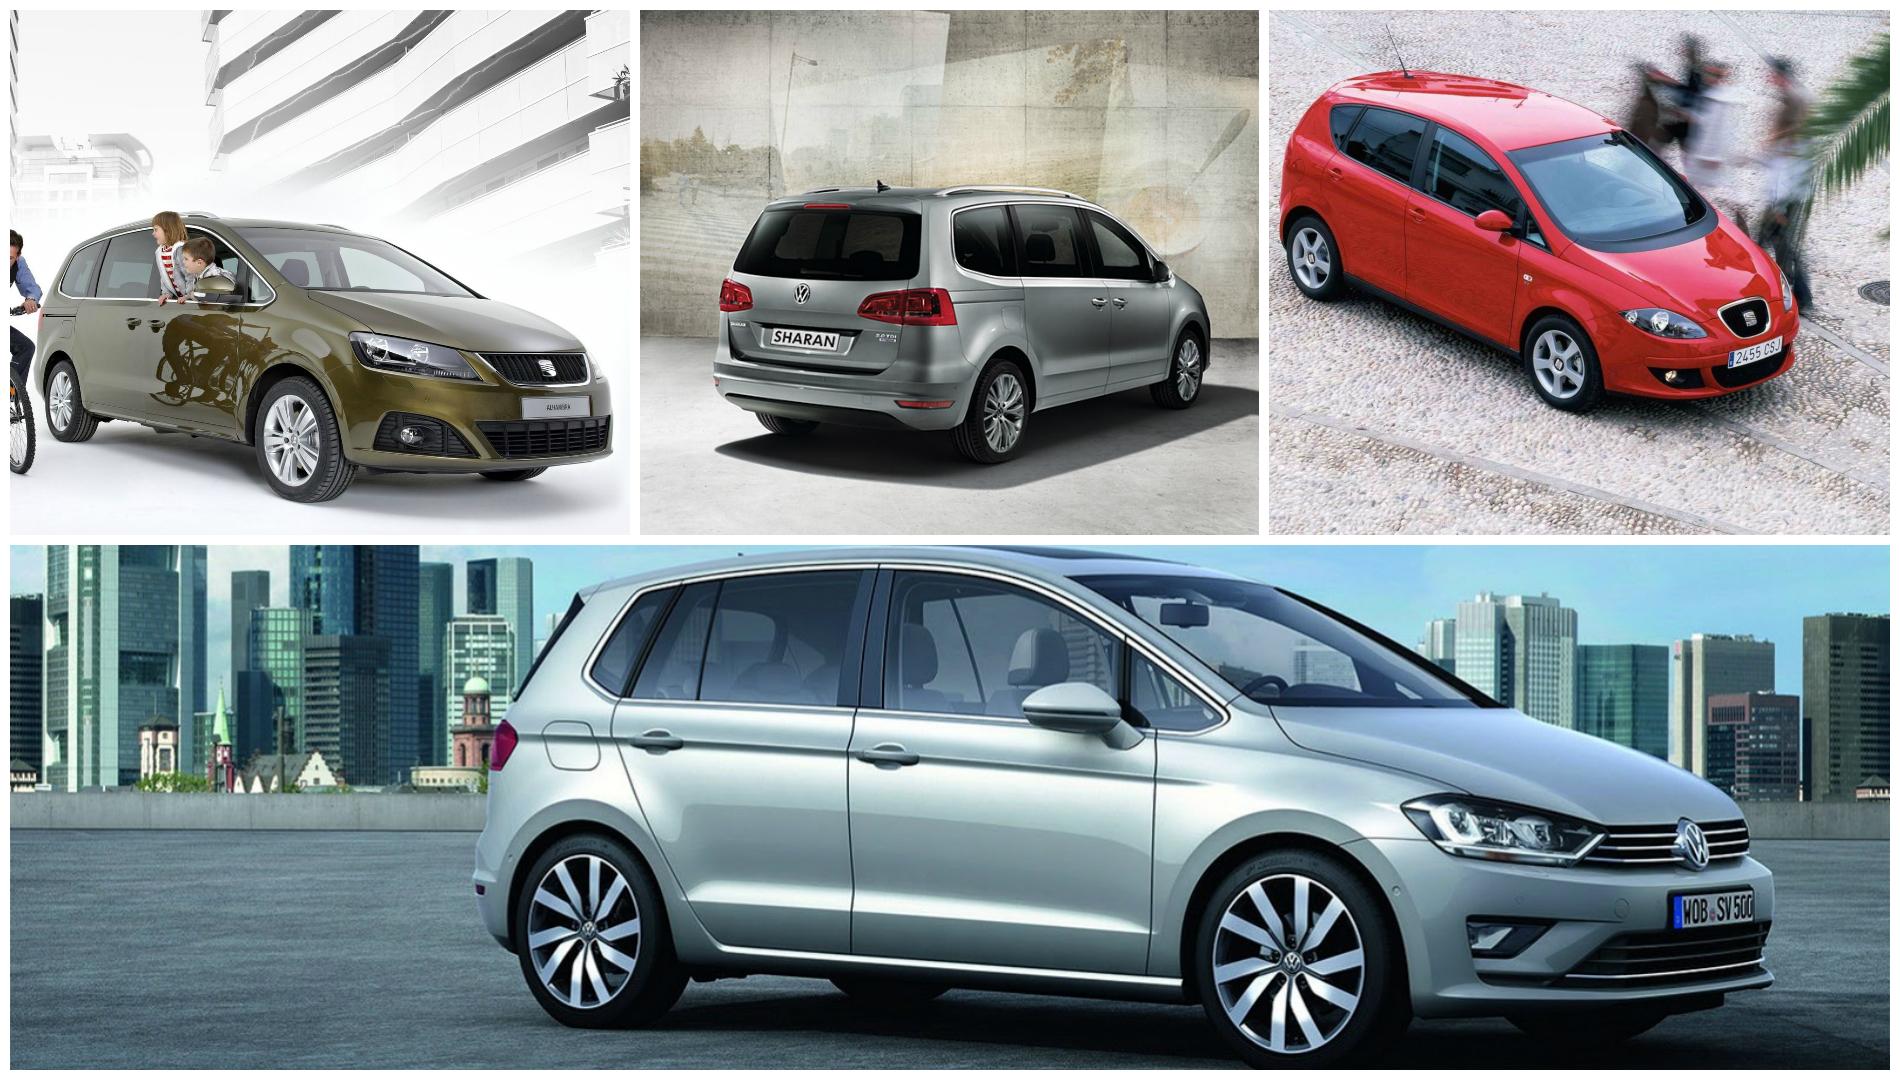 Volkswagen Group s MQB Platform Explained autoevolution